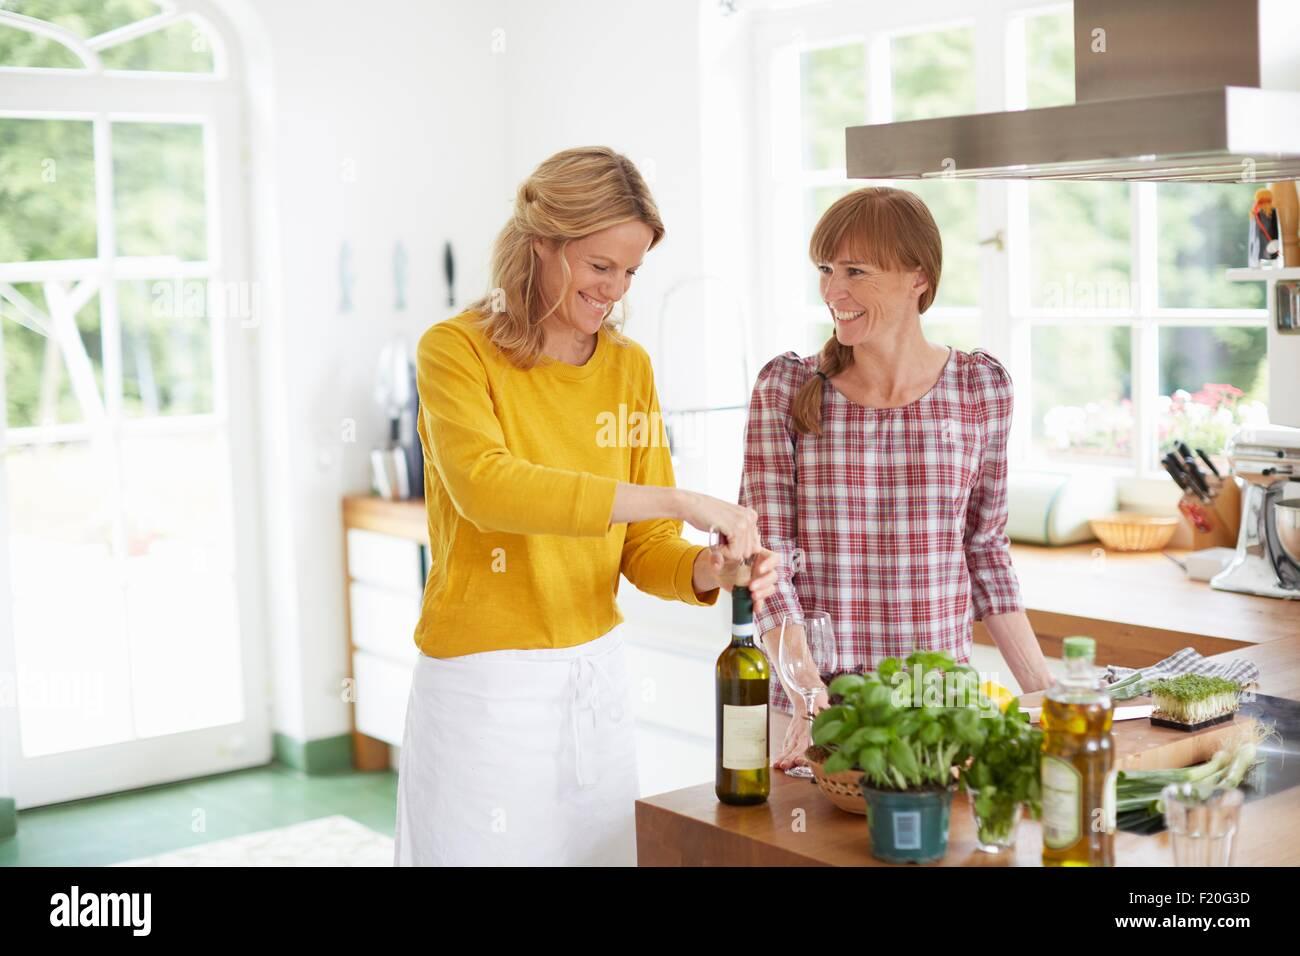 Mujer abriendo una botella de vino en la cocina Imagen De Stock